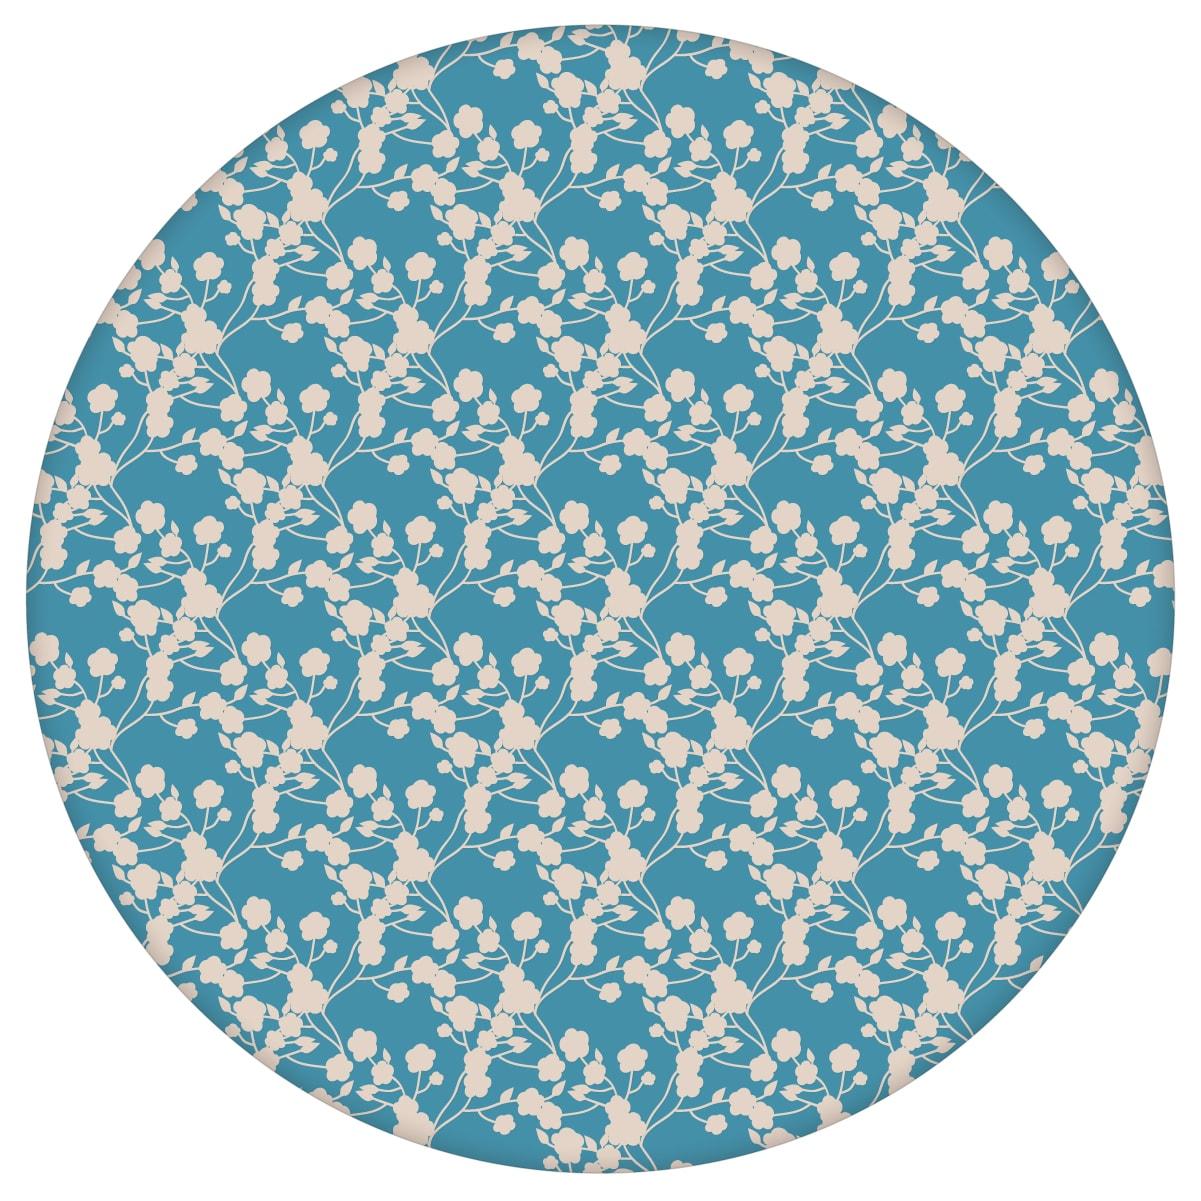 """Blaue Tapete """"Sensaina"""" mit Blüten Dolden, blaue Vlies-Tapete Blumen, delikate, leichte Blumentapete für Schlafzimmeraus dem GMM-BERLIN.com Sortiment: blaue Tapete zur Raumgestaltung: #00140 #blau #Blaue Tapeten #blueten #blumen #Blumentapete #Japan #schlafzimmer #zart für individuelles Interiordesign"""